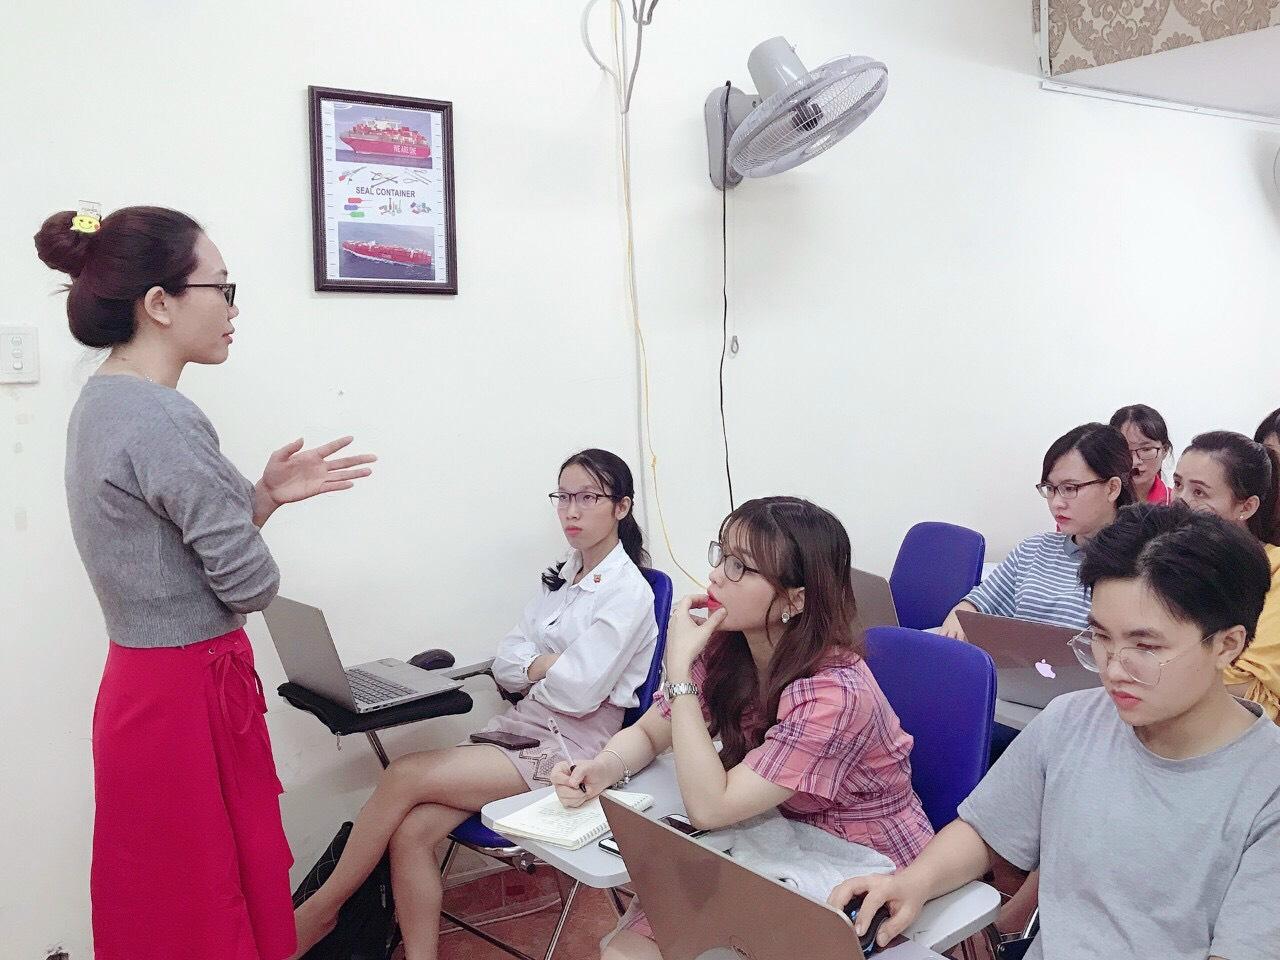 Các lớp nghiệp vụ hành chính văn phòng tại VinaTrain đào tạo cho người mới bắt đầu